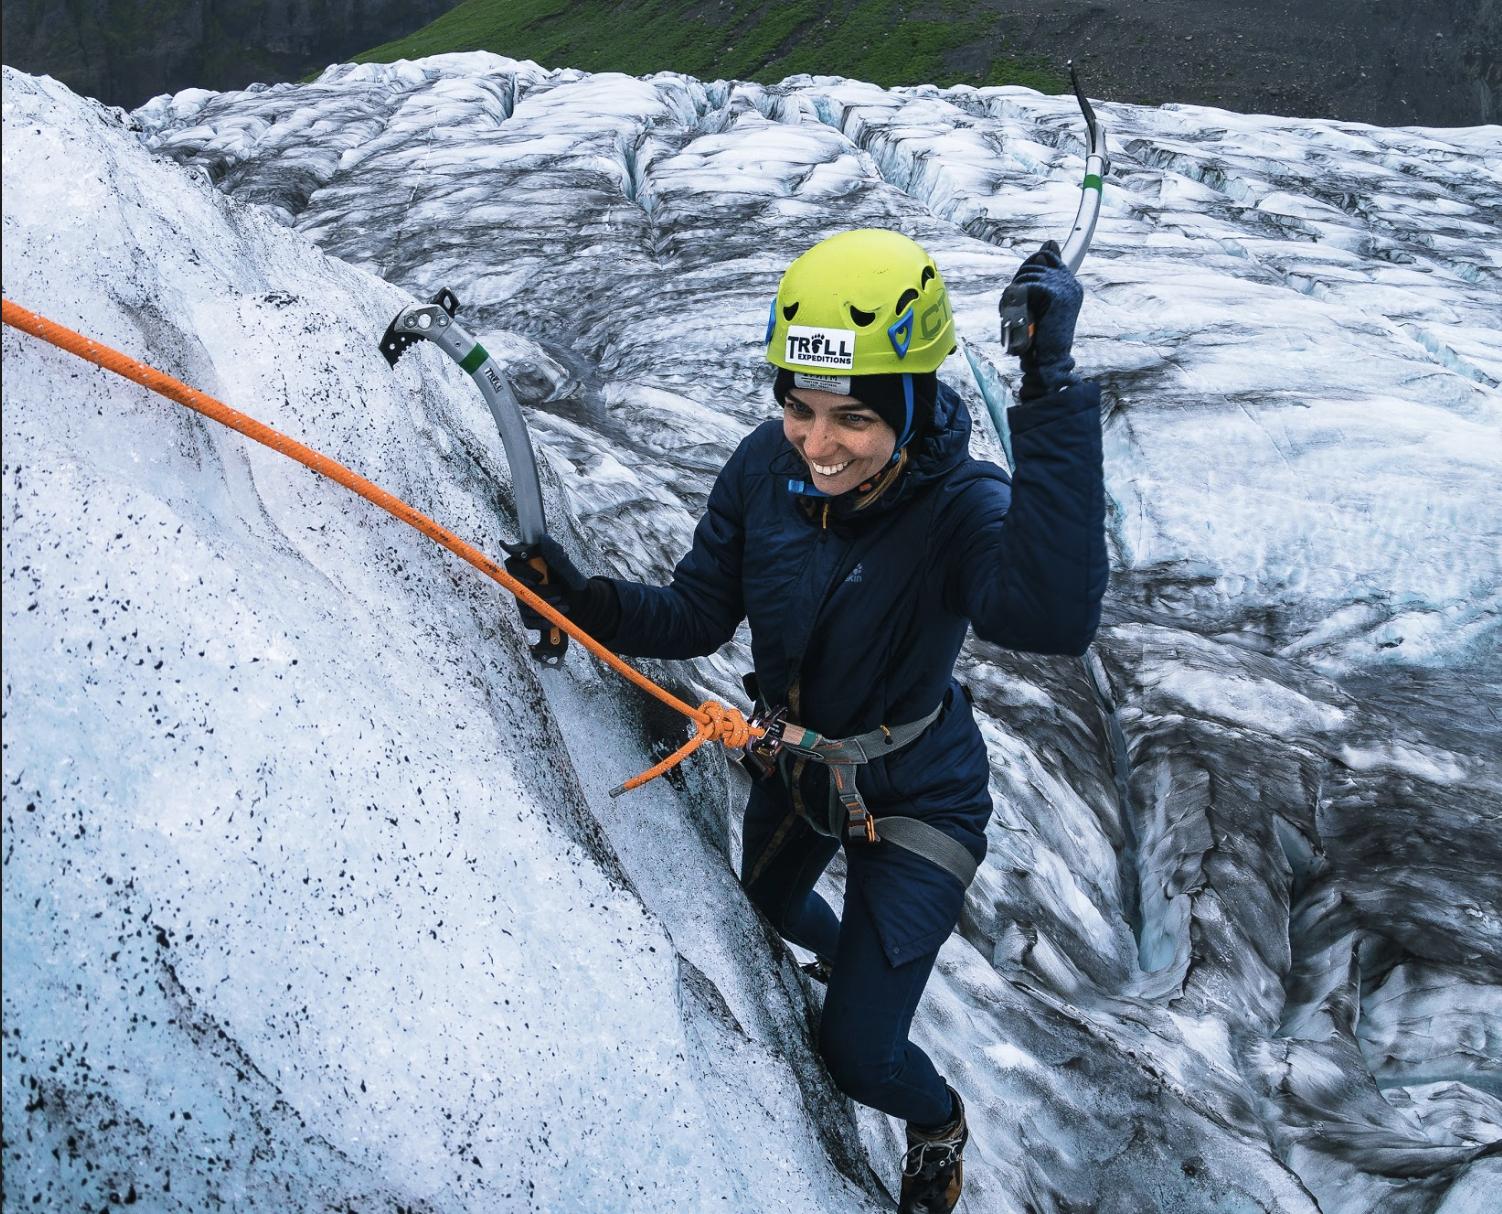 IJsklimmen is een klassiek IJslands avontuur.